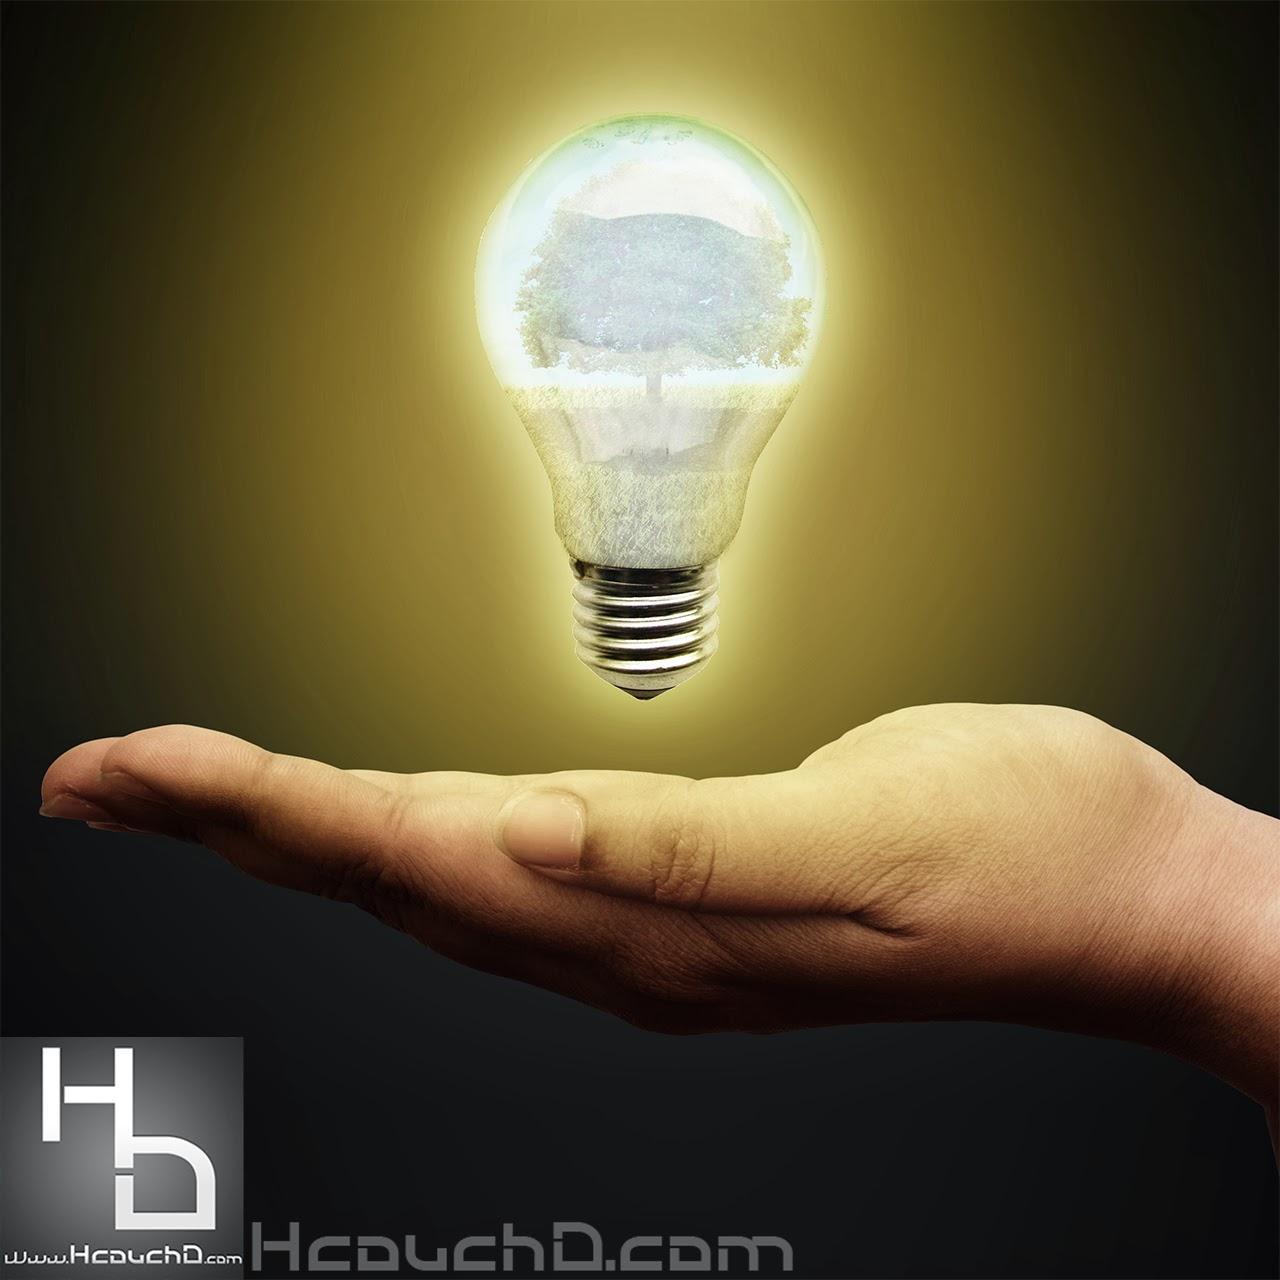 درس 70: كيفية إنشاء تلاعب فكرة يد إلى الطبيعة بفوتوشوب